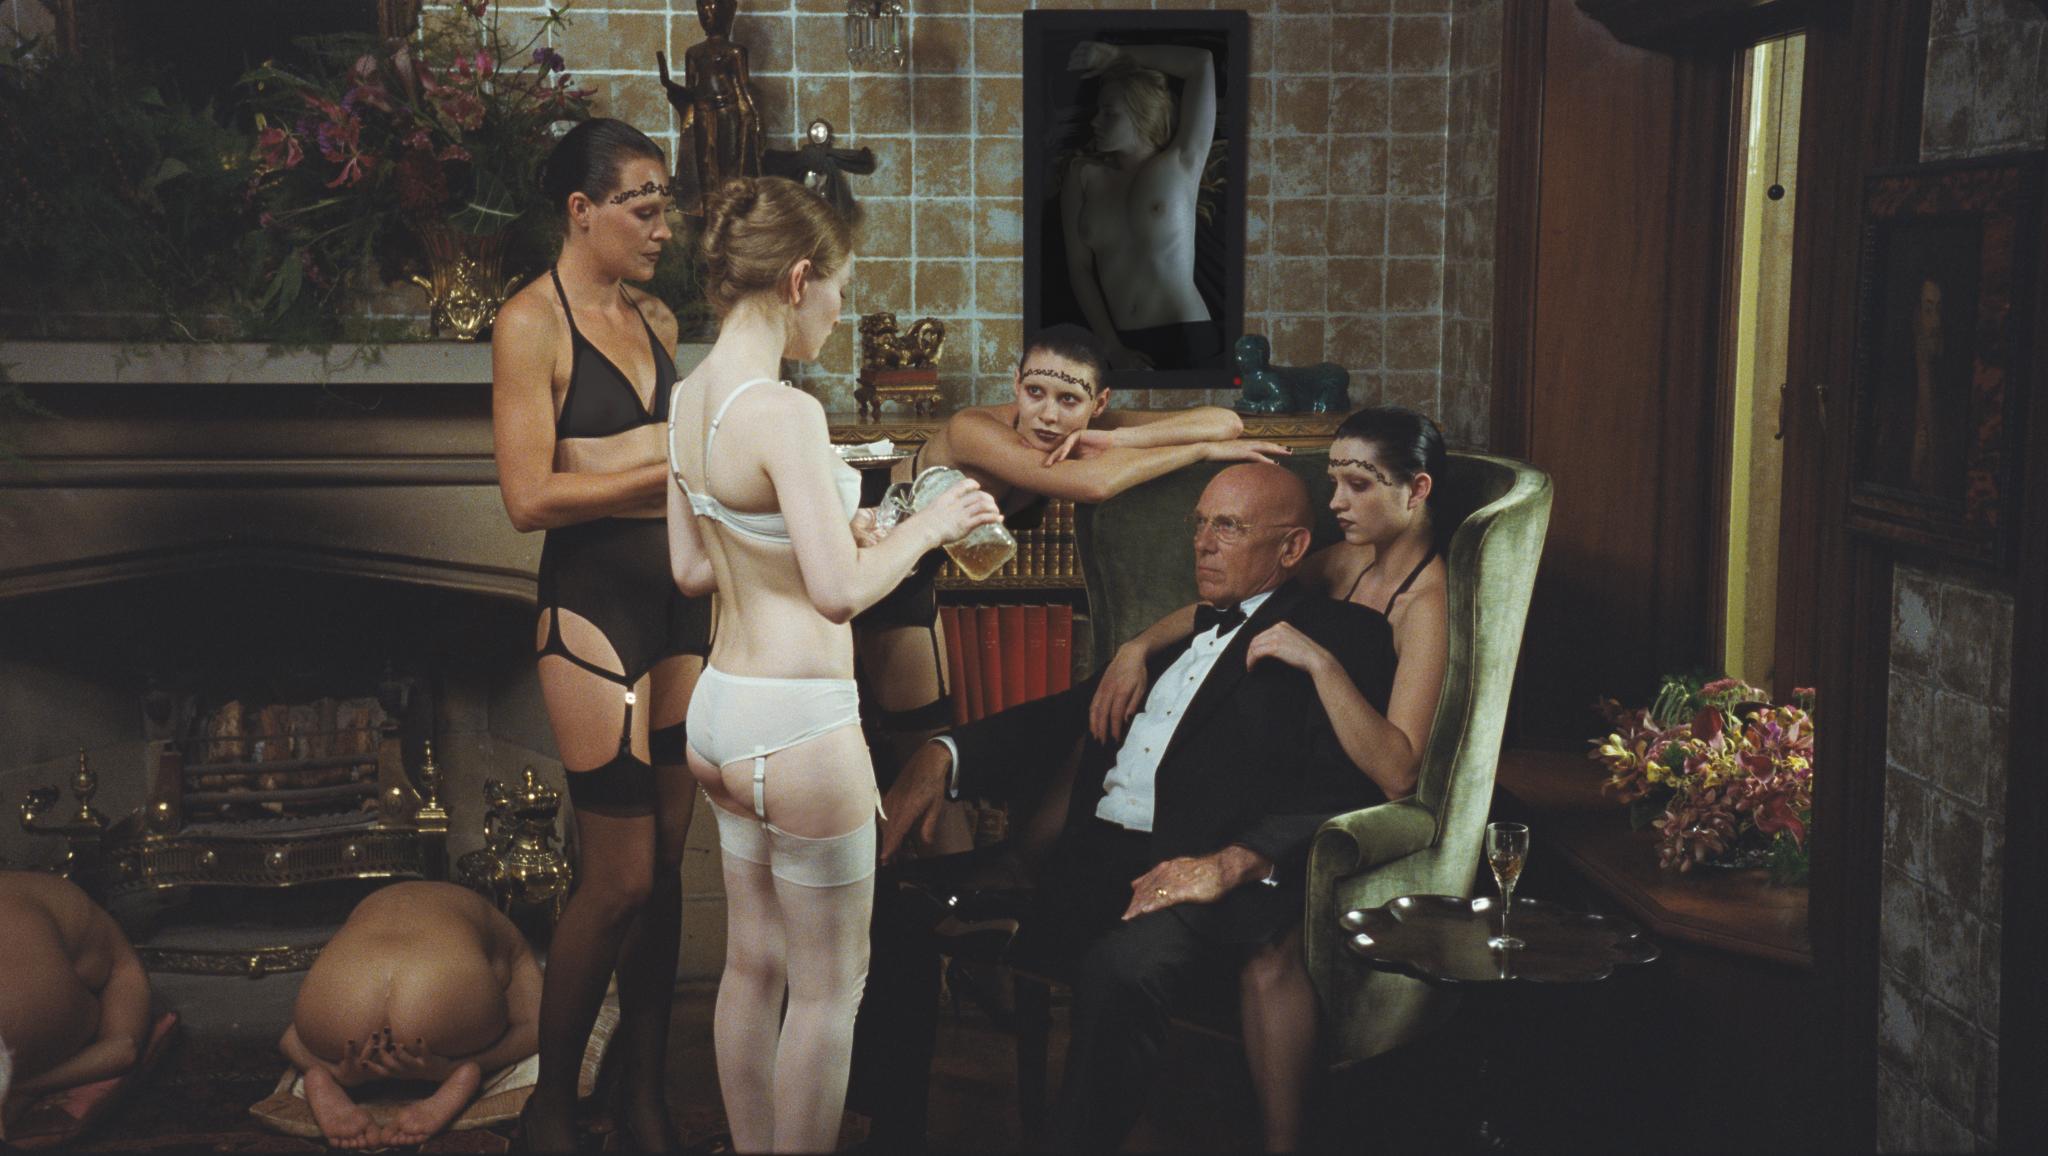 посмотреть фильм о проститутках